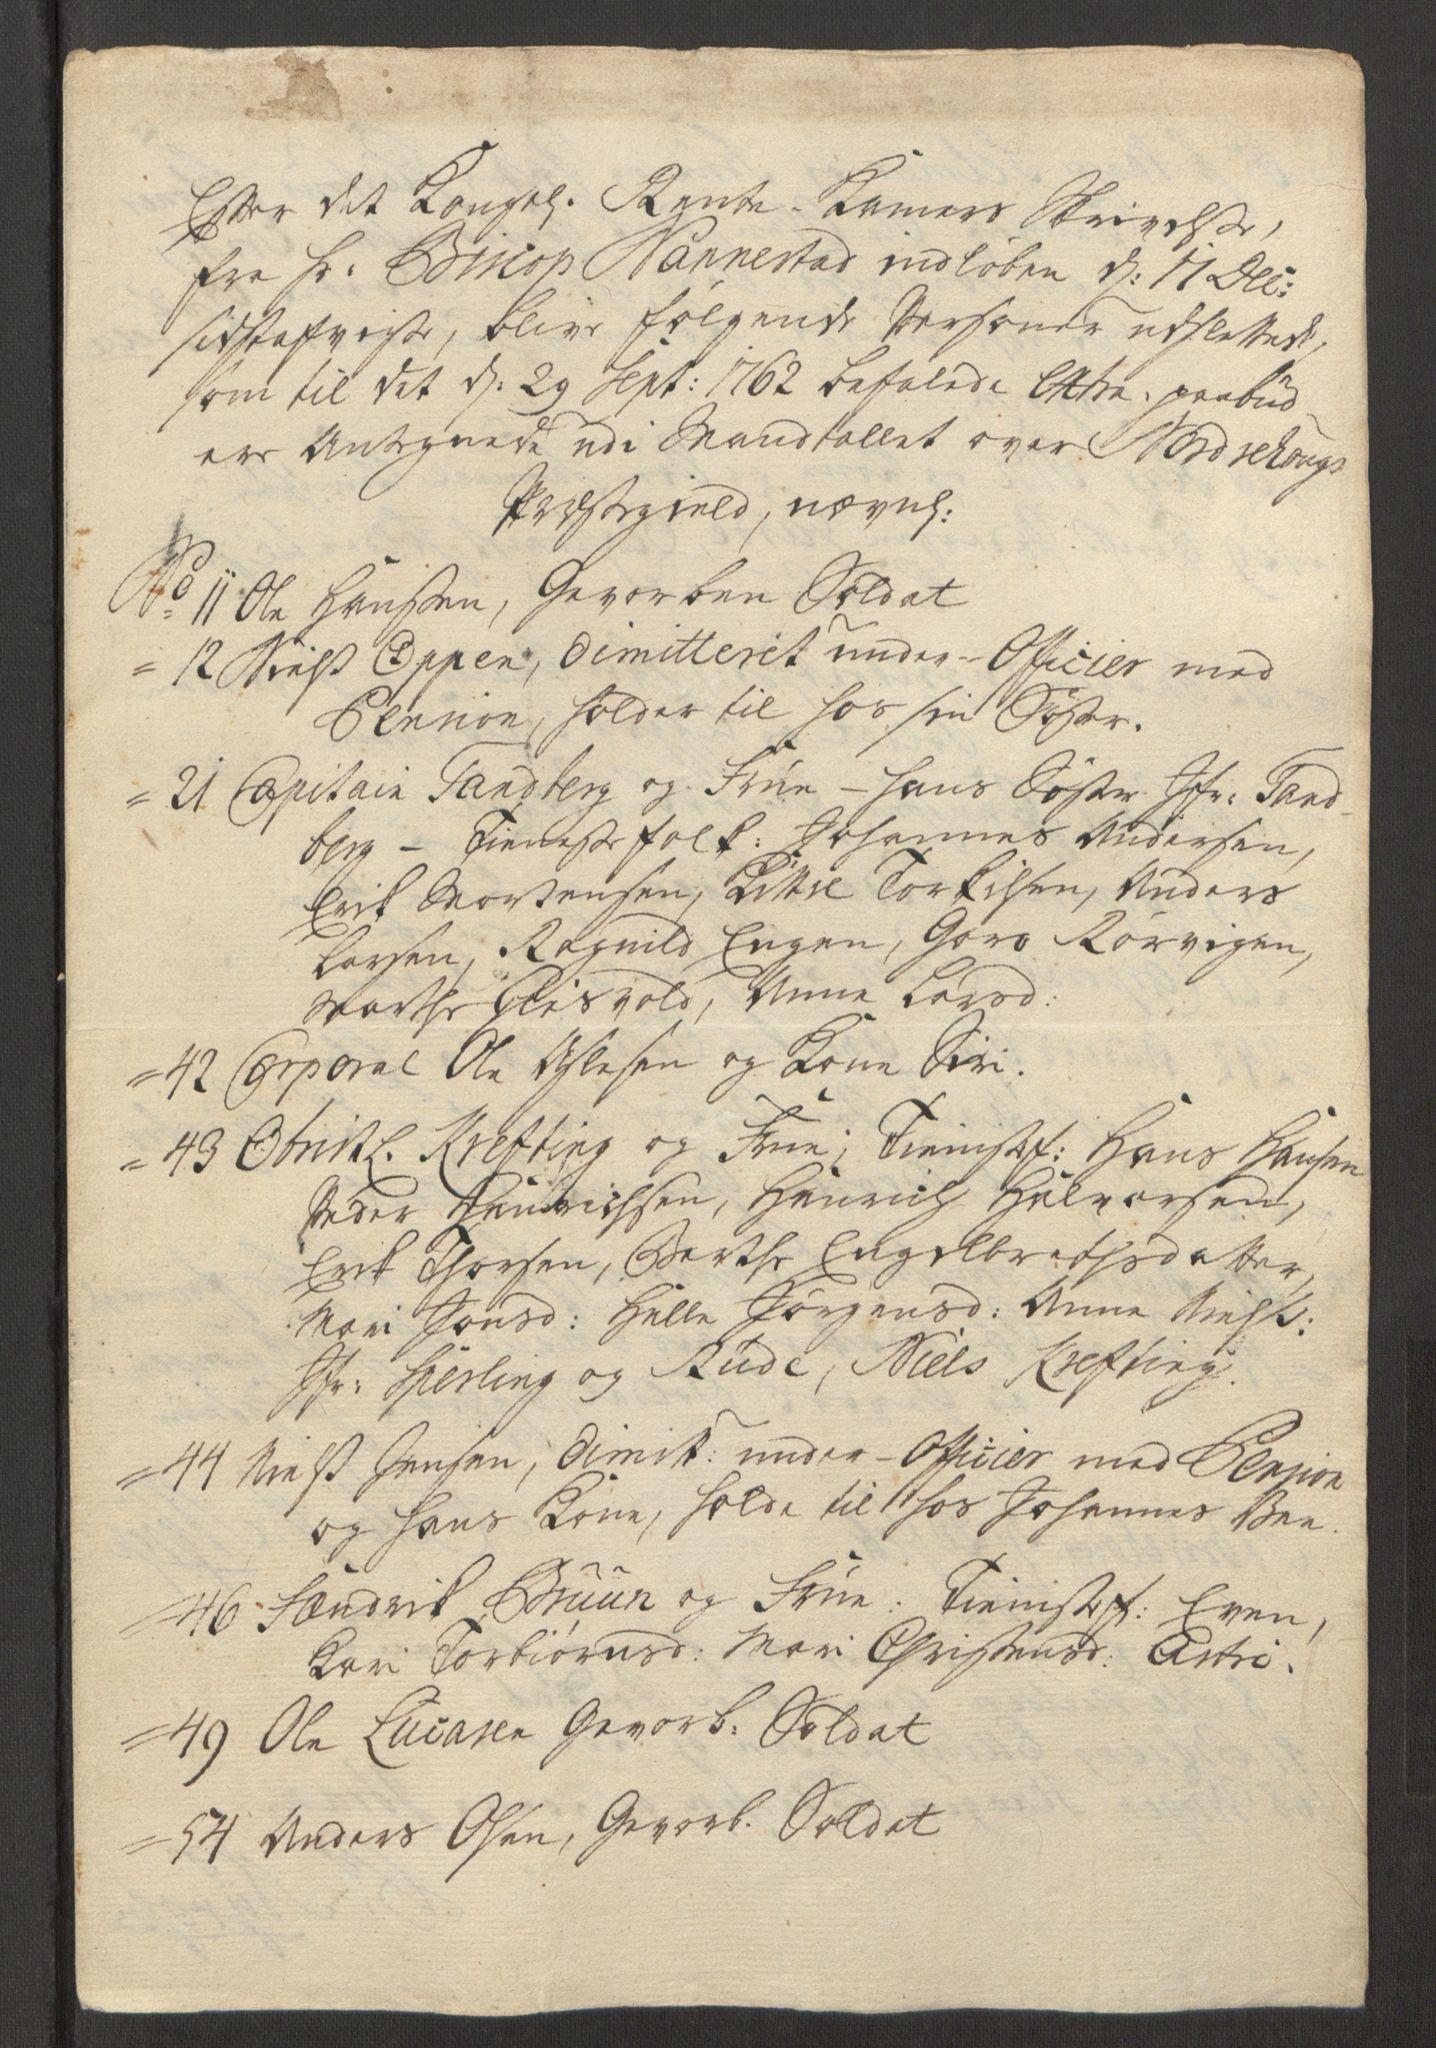 RA, Rentekammeret inntil 1814, Reviderte regnskaper, Fogderegnskap, R23/L1565: Ekstraskatten Ringerike og Hallingdal, 1762-1763, s. 567